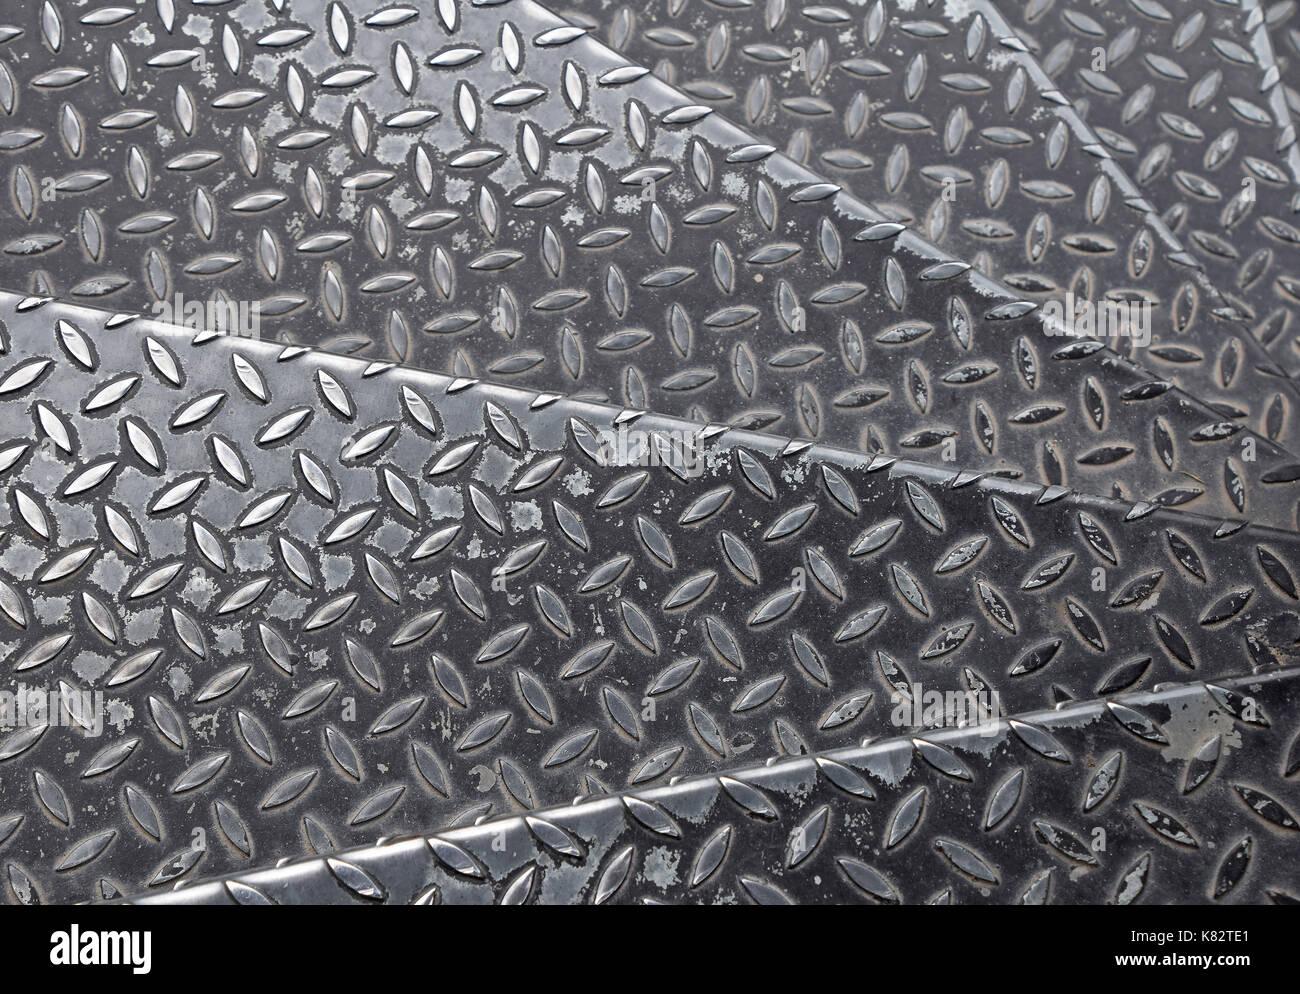 Black Painted Industrial Anti Slip Embossed Metal Steel Plate Steps